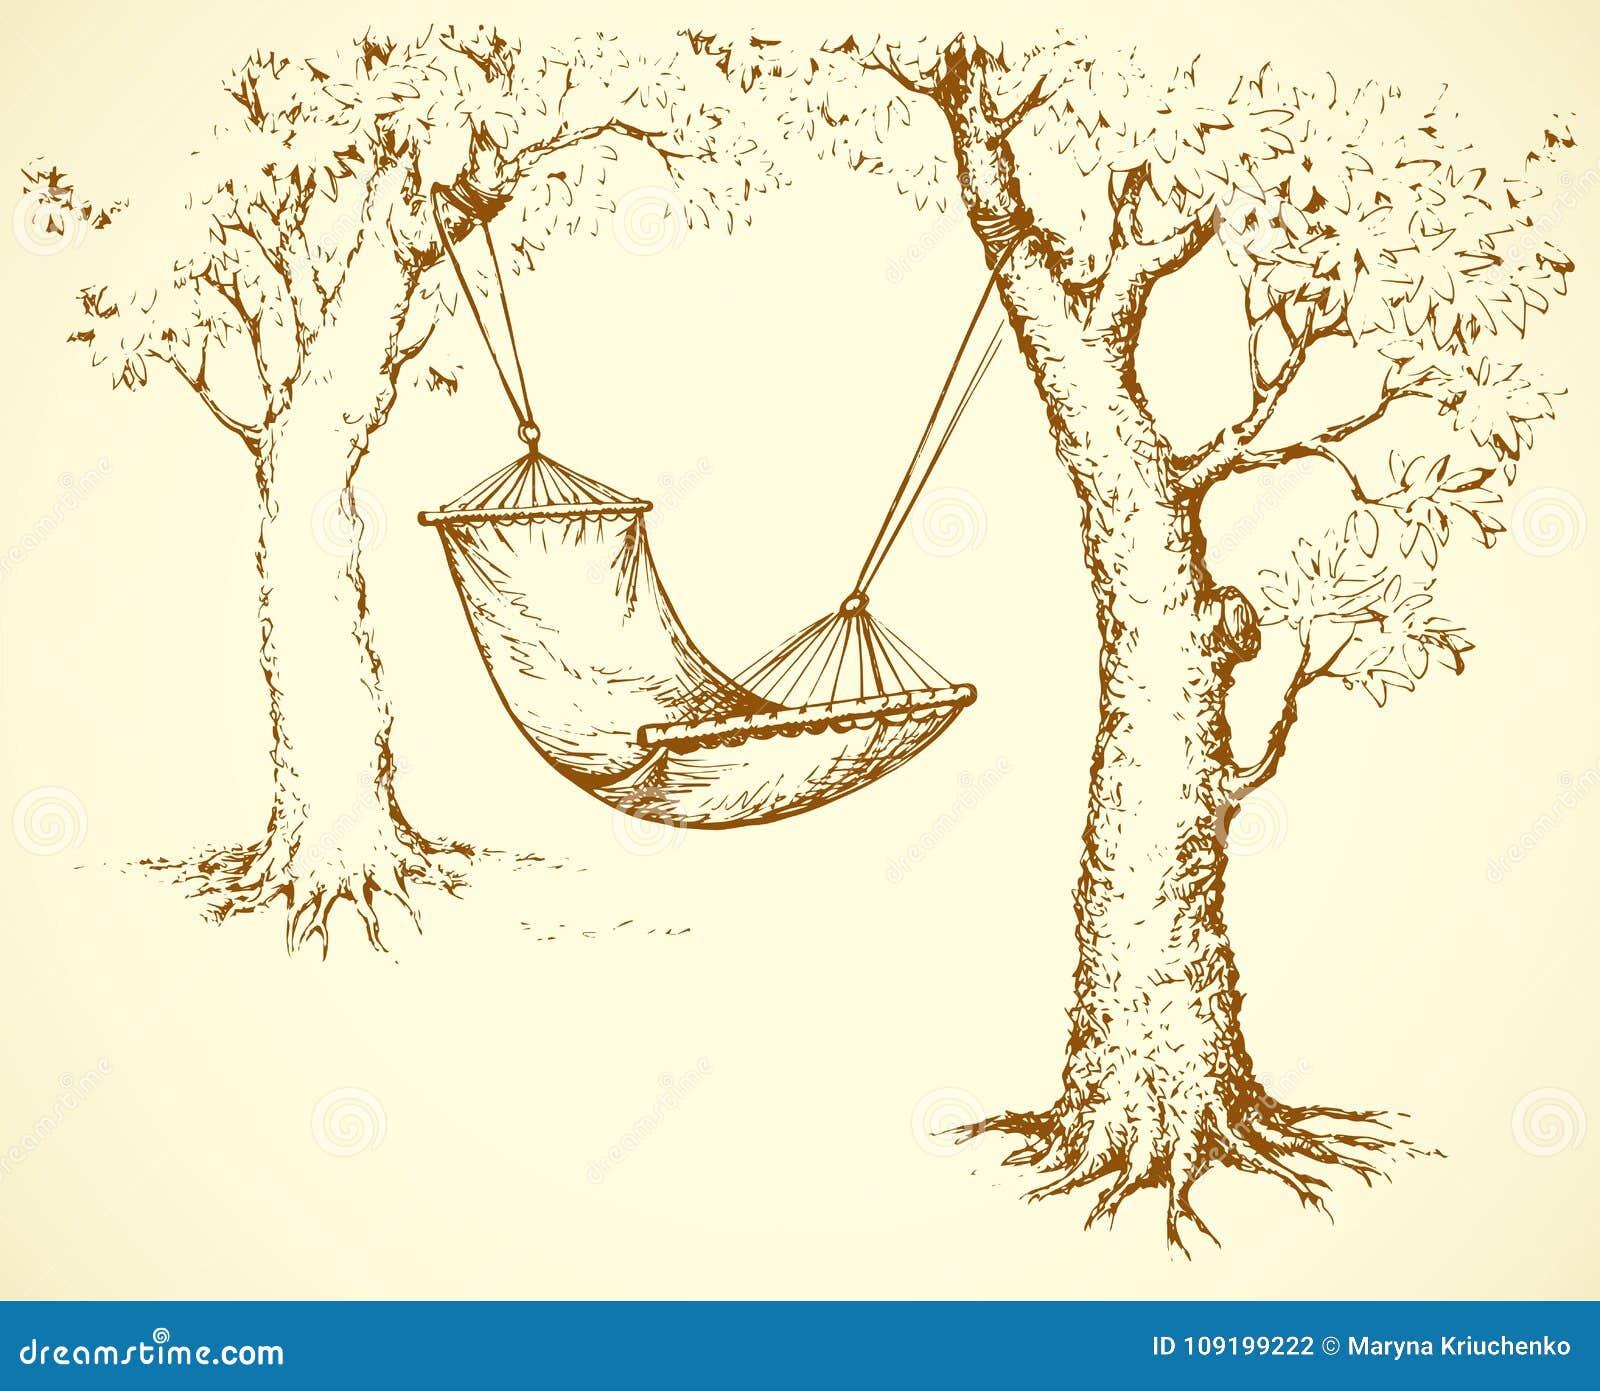 Hammock On Tree Vector Illustration Stock Vector Illustration Of